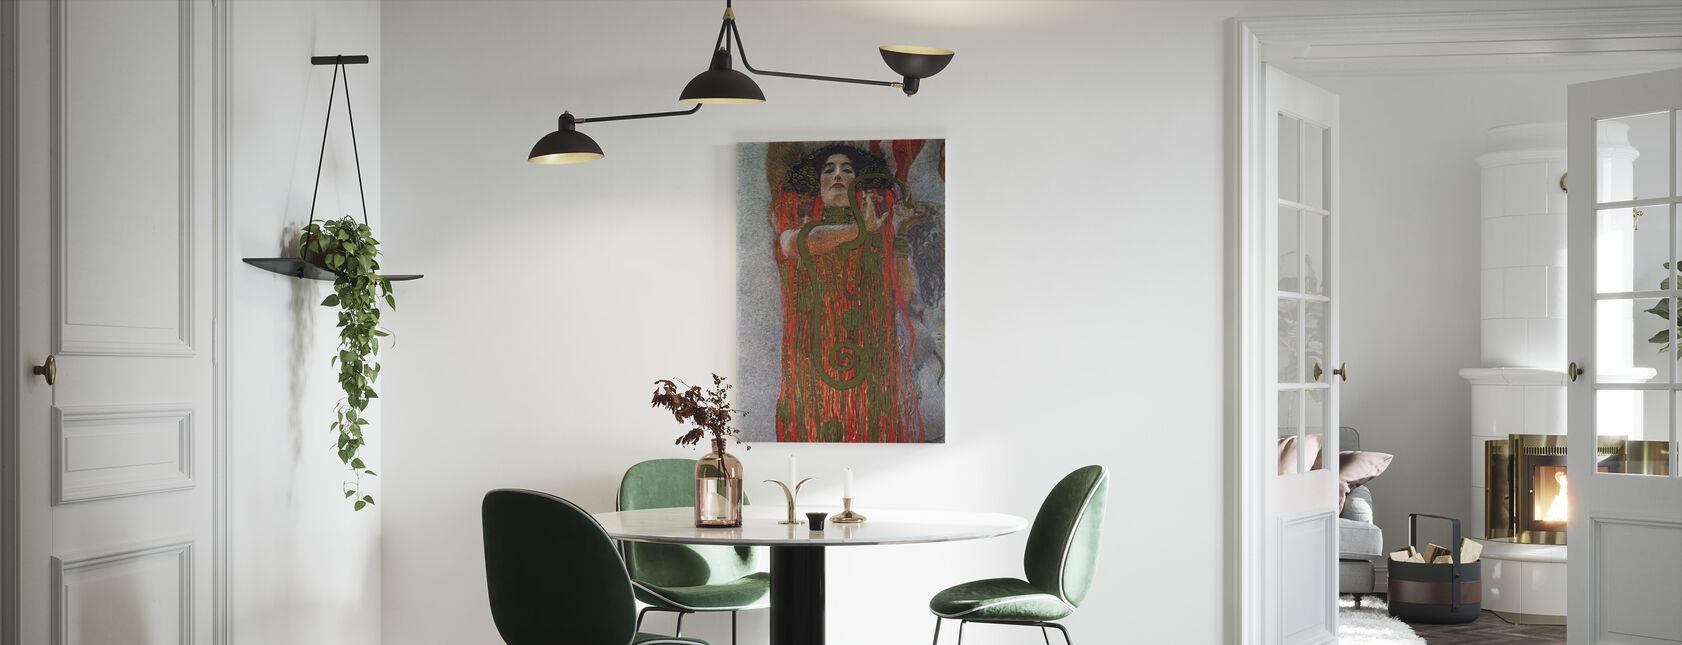 Hygieia - Gustav Klimt - Canvas print - Kitchen